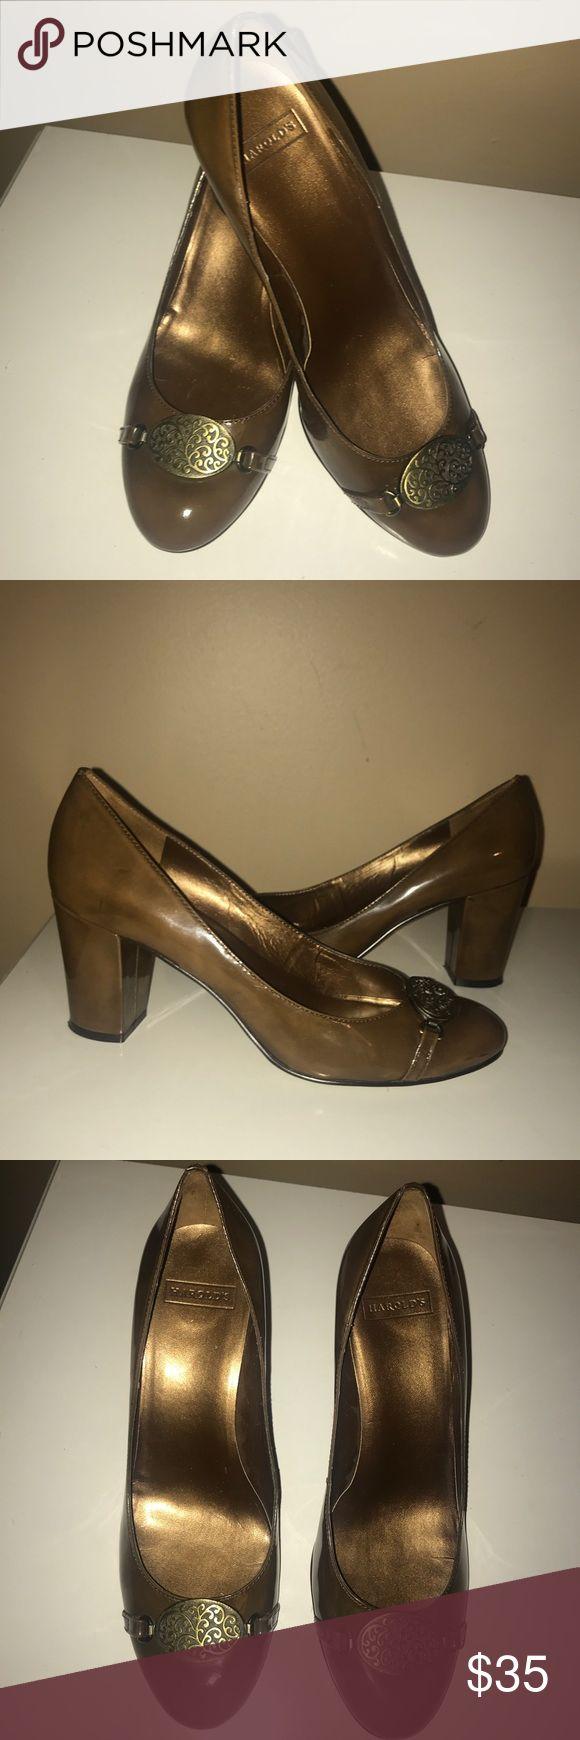 """🆕EUC💜HAROLD'S💜Brown Shiny Patent Leather Heels 🆕EUC💜HAROLD'S💜Brown Shiny Patent Leather Heels/ Pumps. Bronze Medallion On Top. Block Heel height-3"""". Size- 8. Original cost $125 Harold's Shoes Heels"""